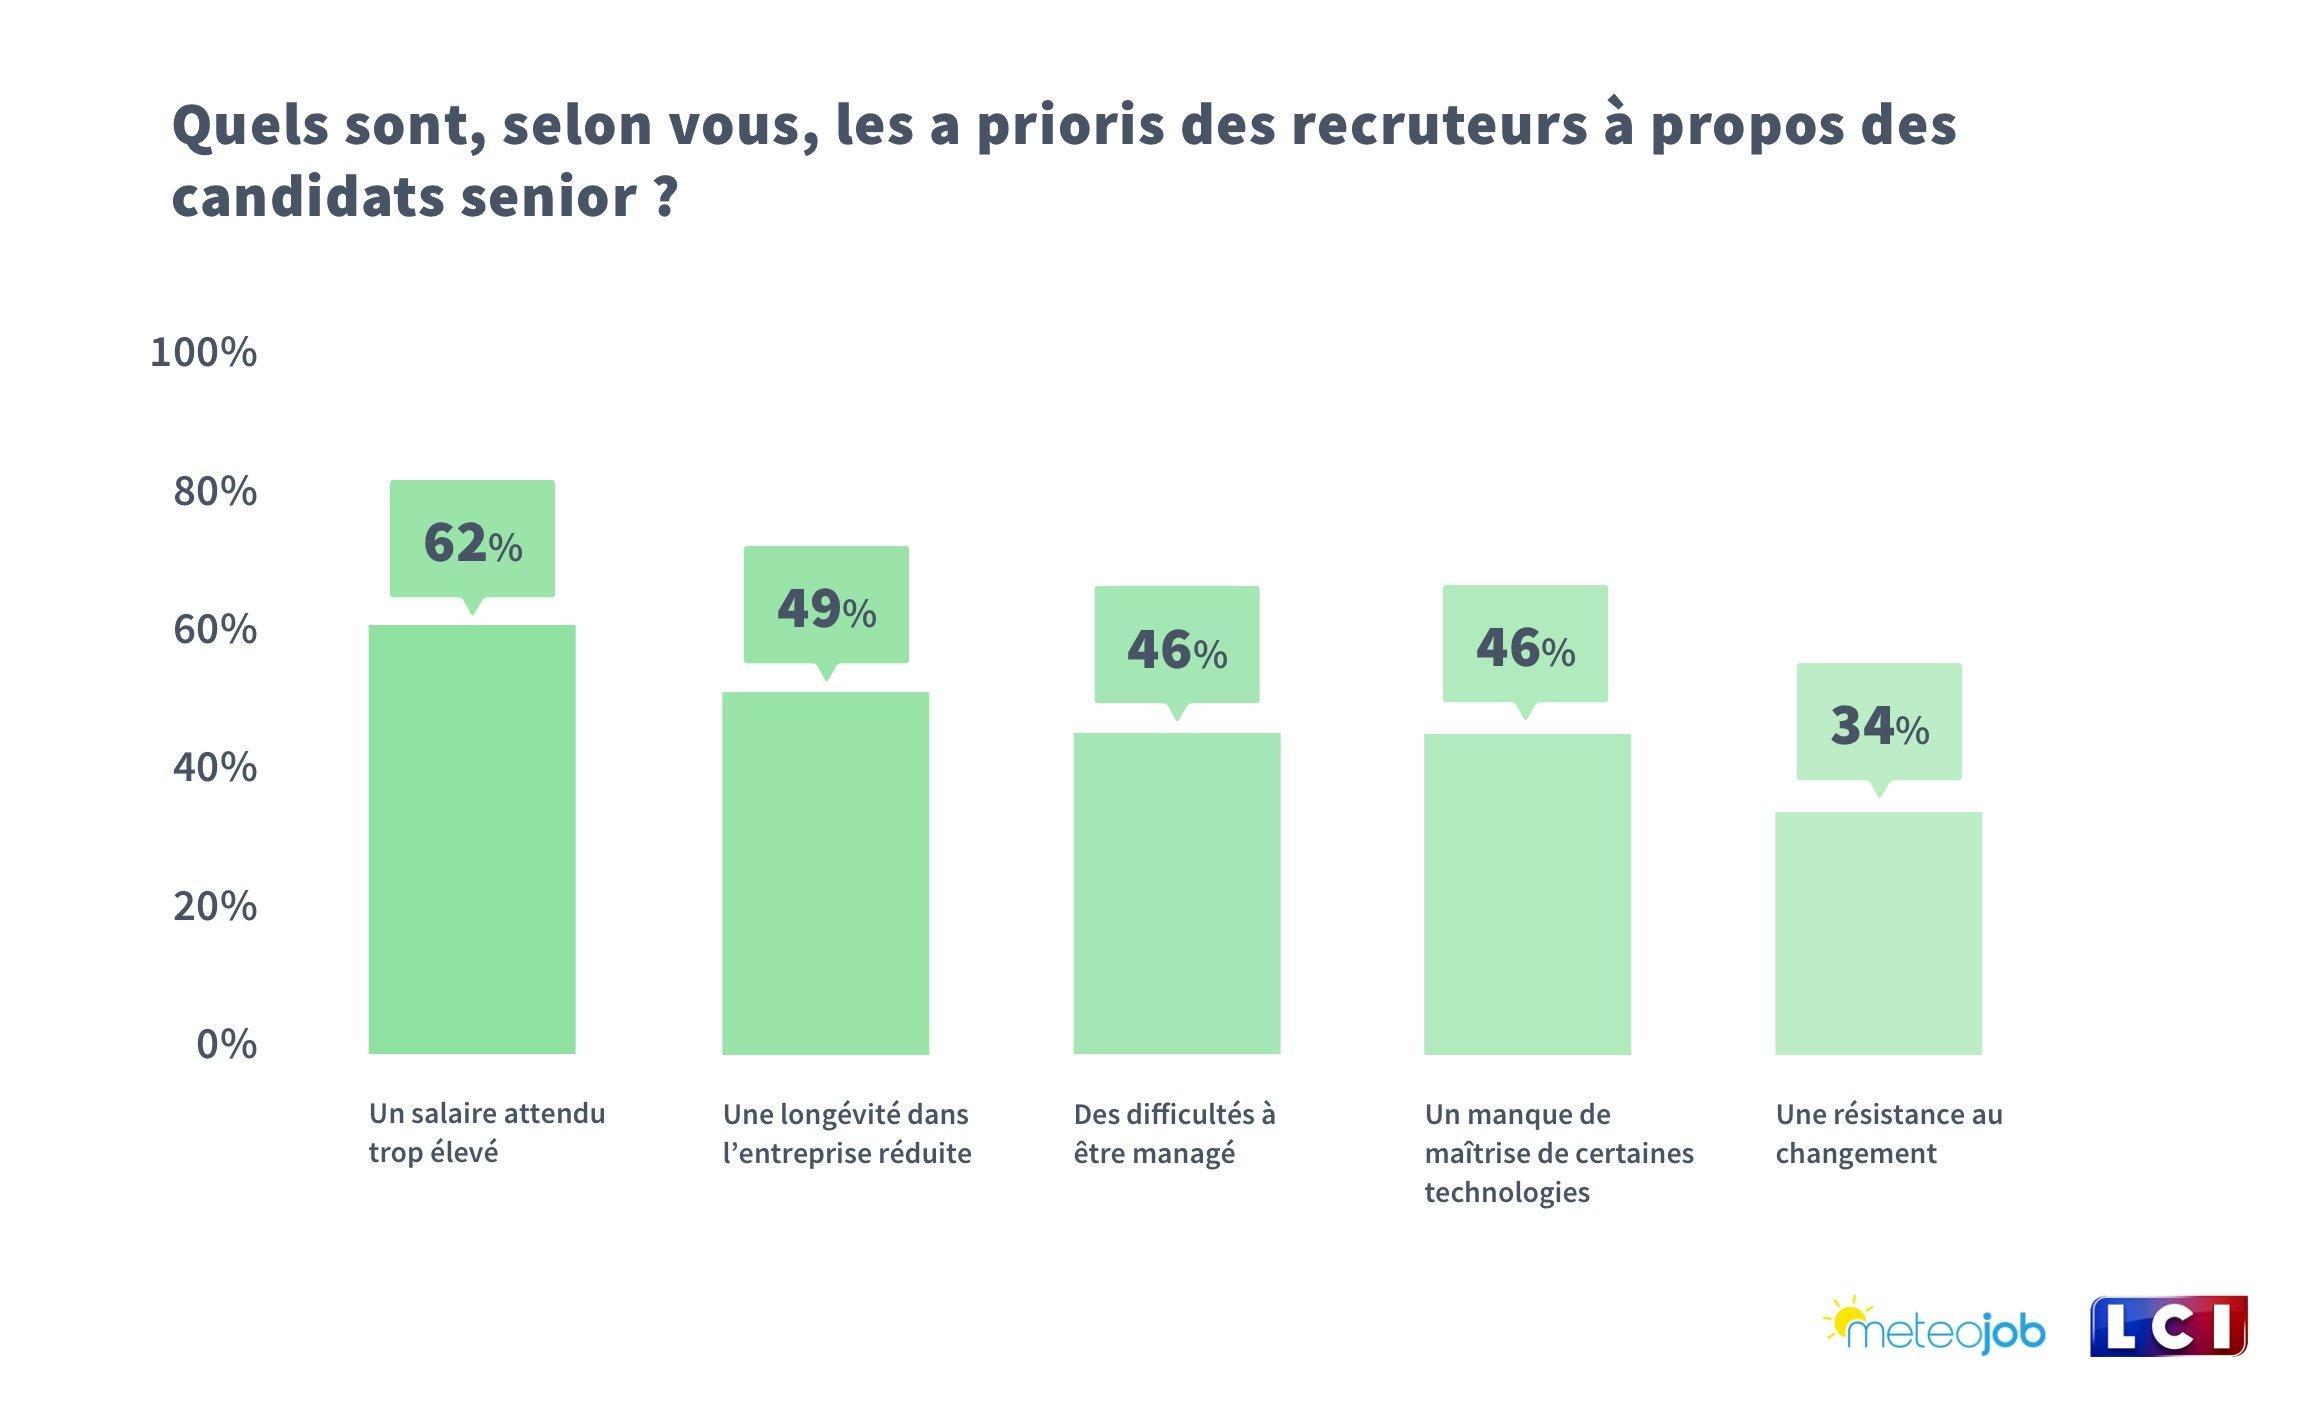 Quels sont, selon vous, les a prioris des recruteurs à propos des candidats senior ?